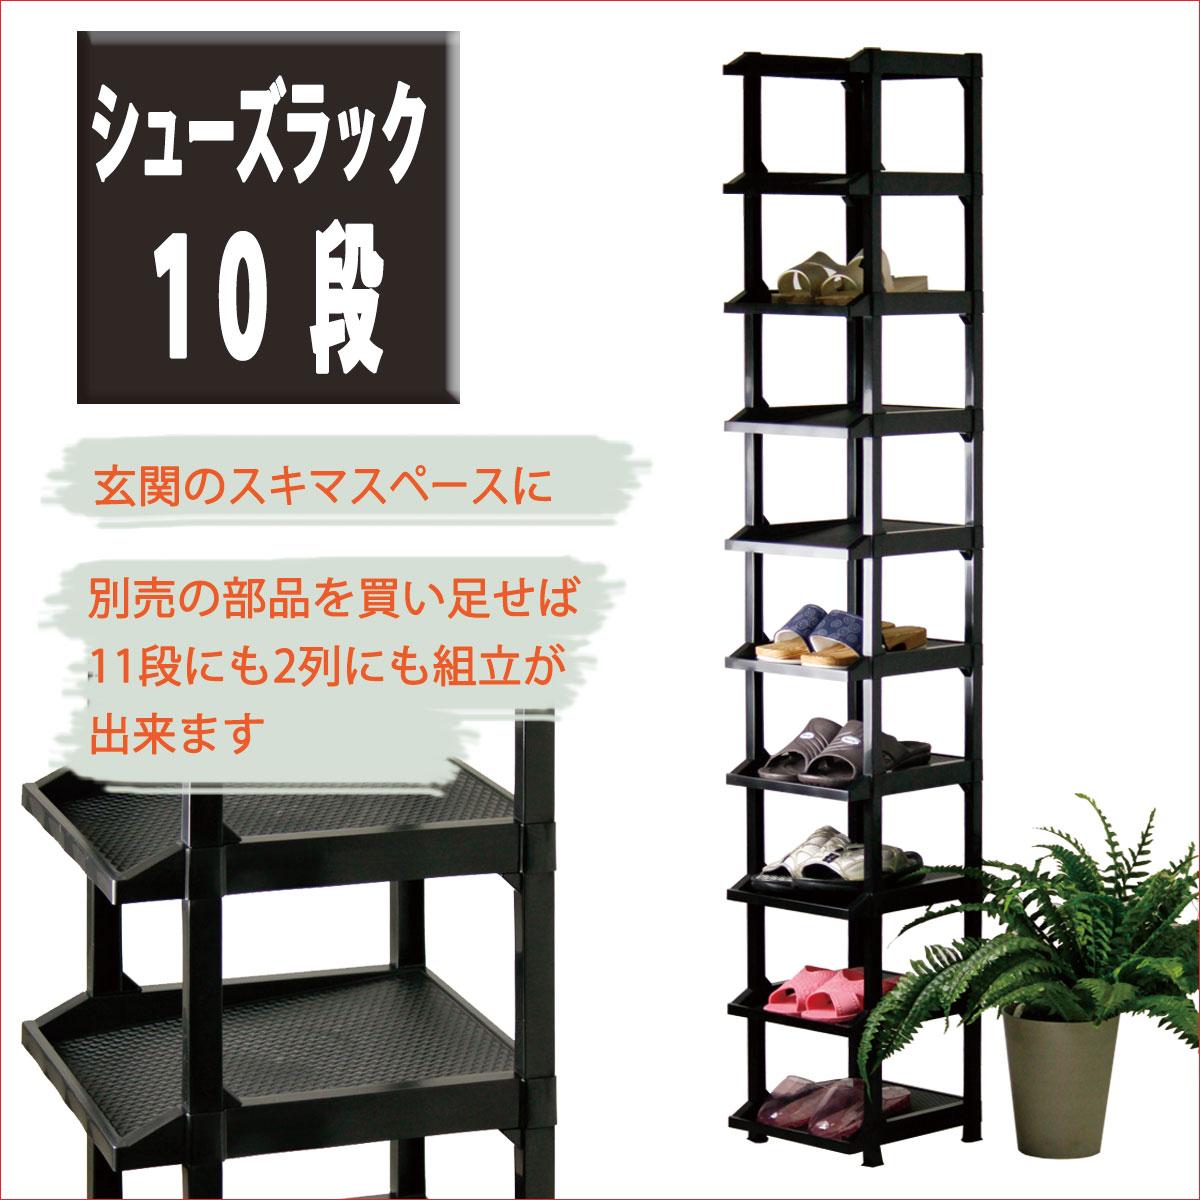 シューズラック 10段【送料無料】靴 収納 大容量 スリム 日本製